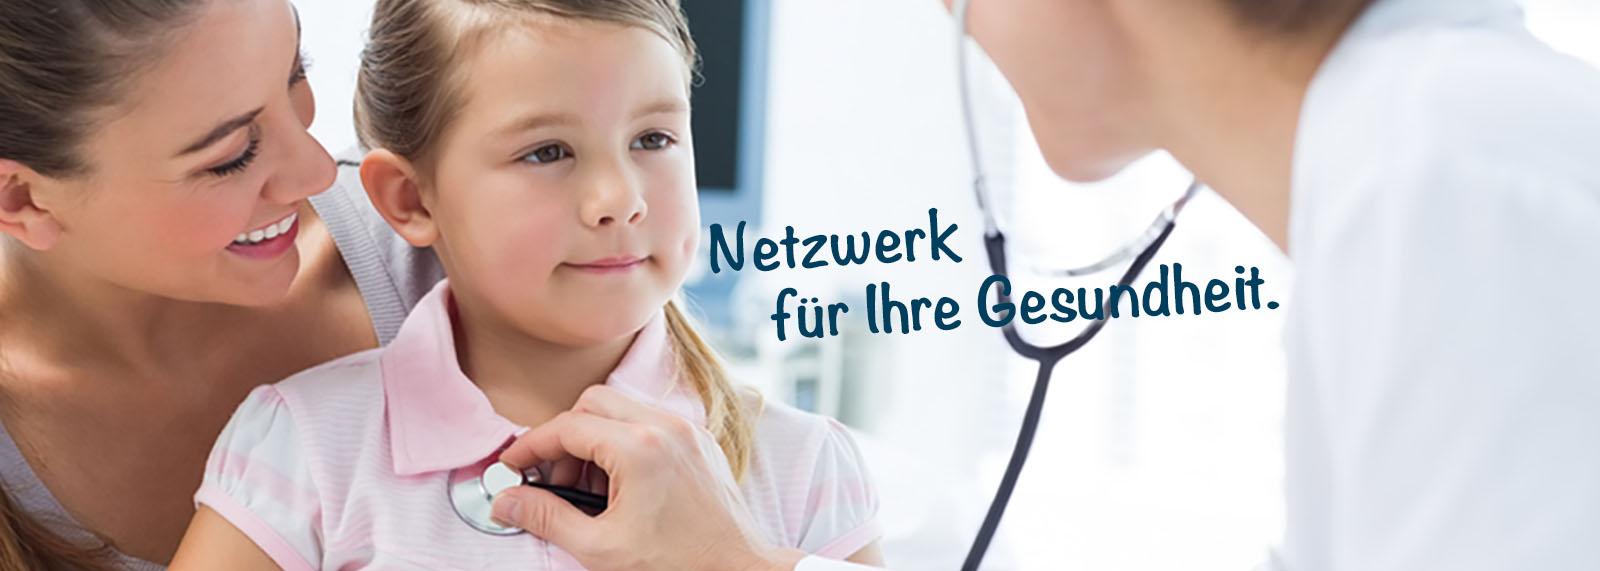 Netzwerk für Ihre Gesundheit 1